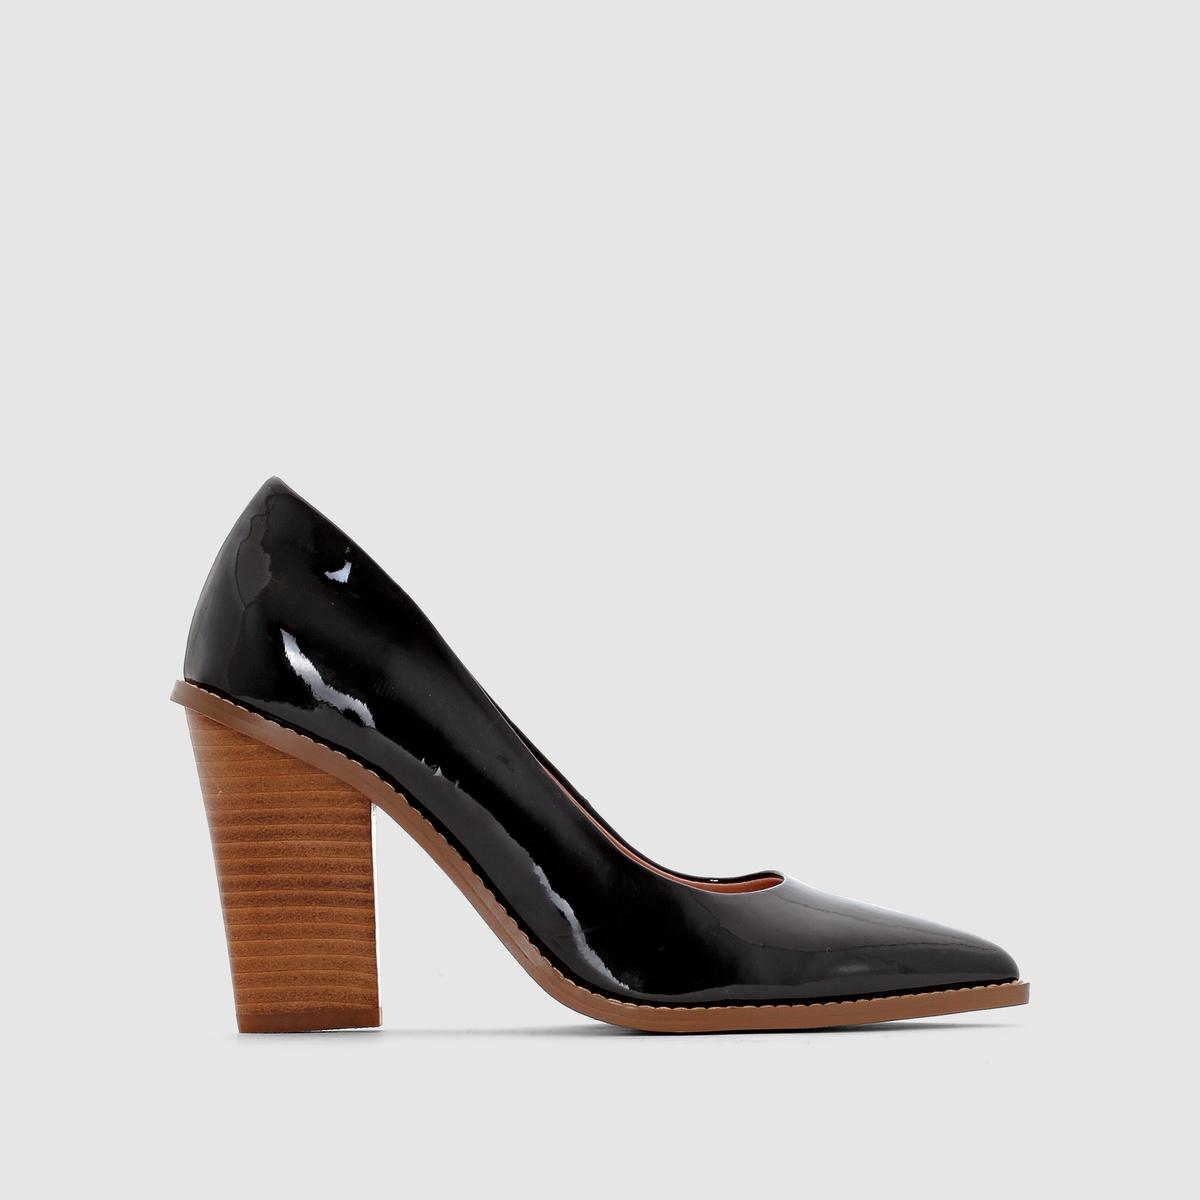 ТуфлиВерх : синтетика.        Подкладка : кожа                                     Стелька : кожа      Подошва : из эластомера     Высота каблука : 9 см     Застежка : без застежкиИх преимущество: высокая и удобная модель для тех, кто любит благородный чёрный цвет !<br><br>Цвет: черный<br>Размер: 41